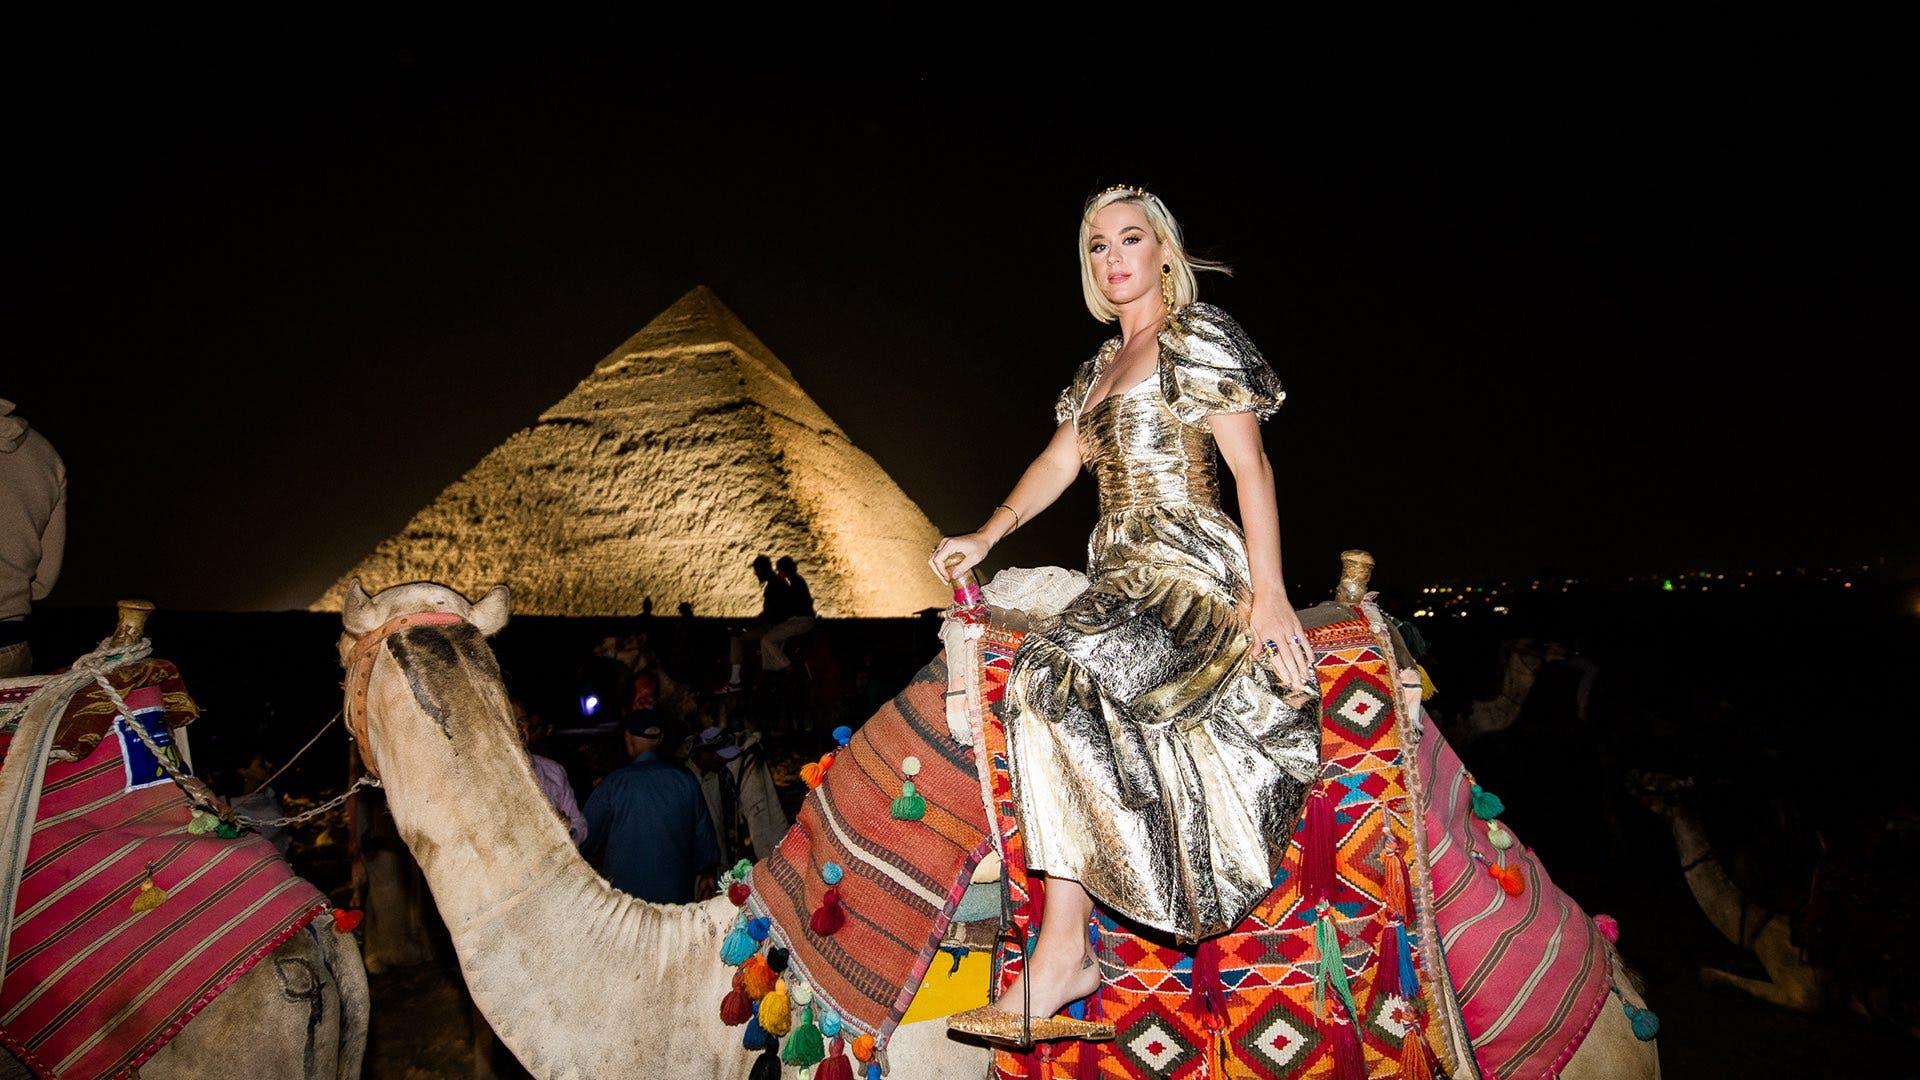 كاتي بيري خلال رحلة إلى الإهرامات